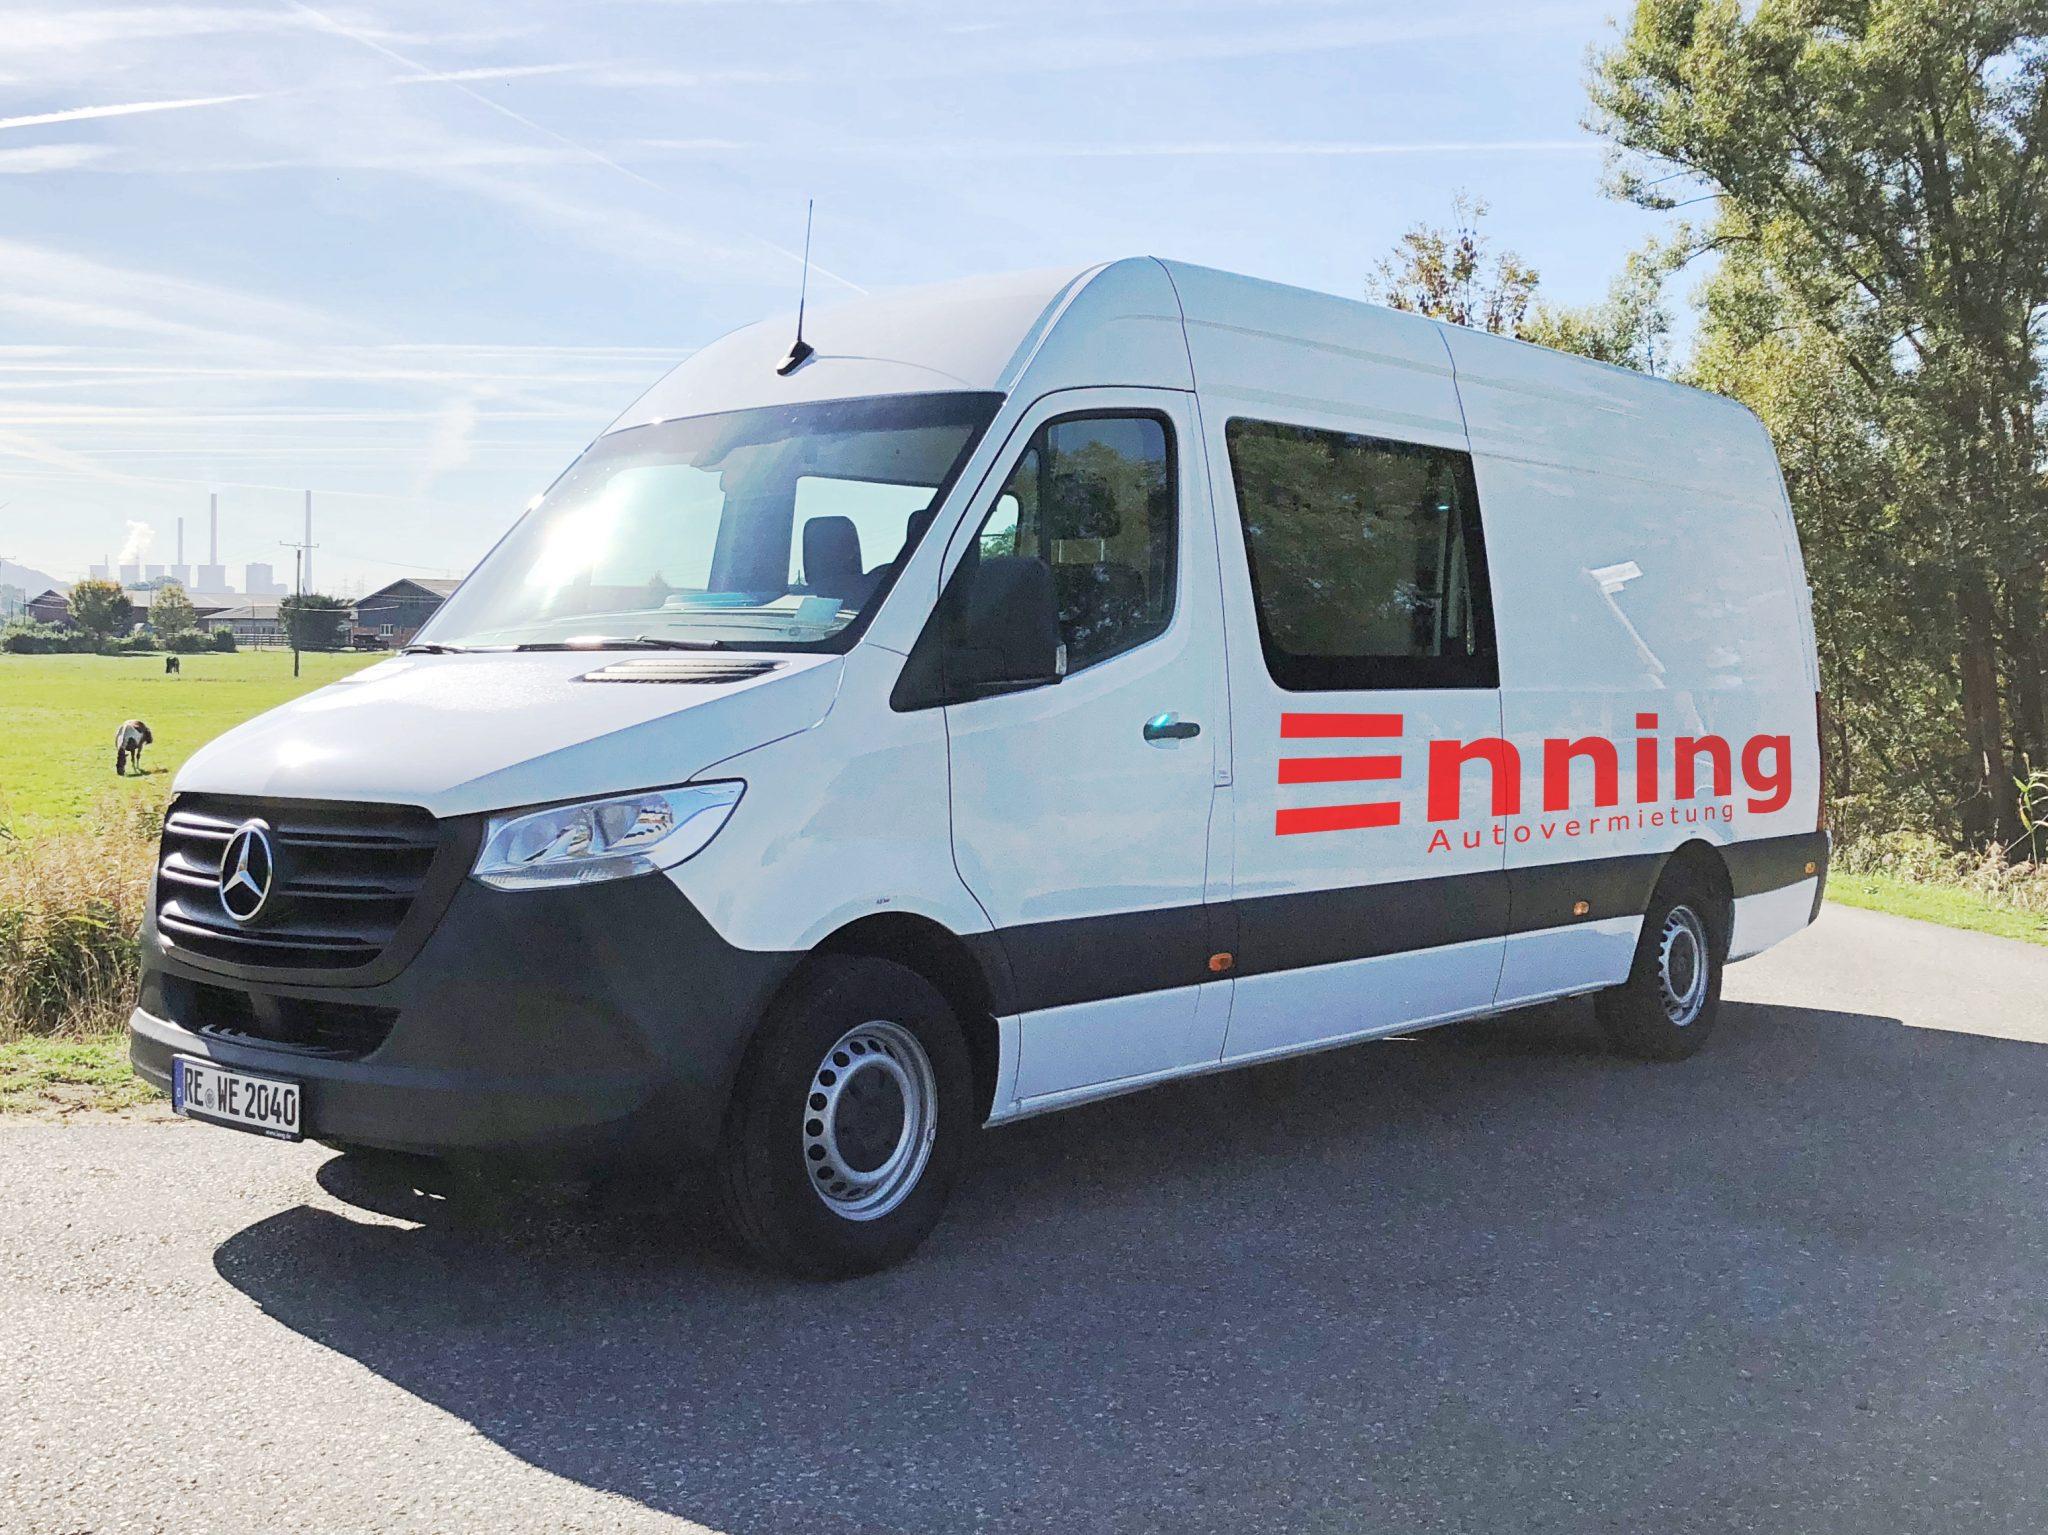 Autovermietung Enning Dorsten Sprinter 4,2 m WEB